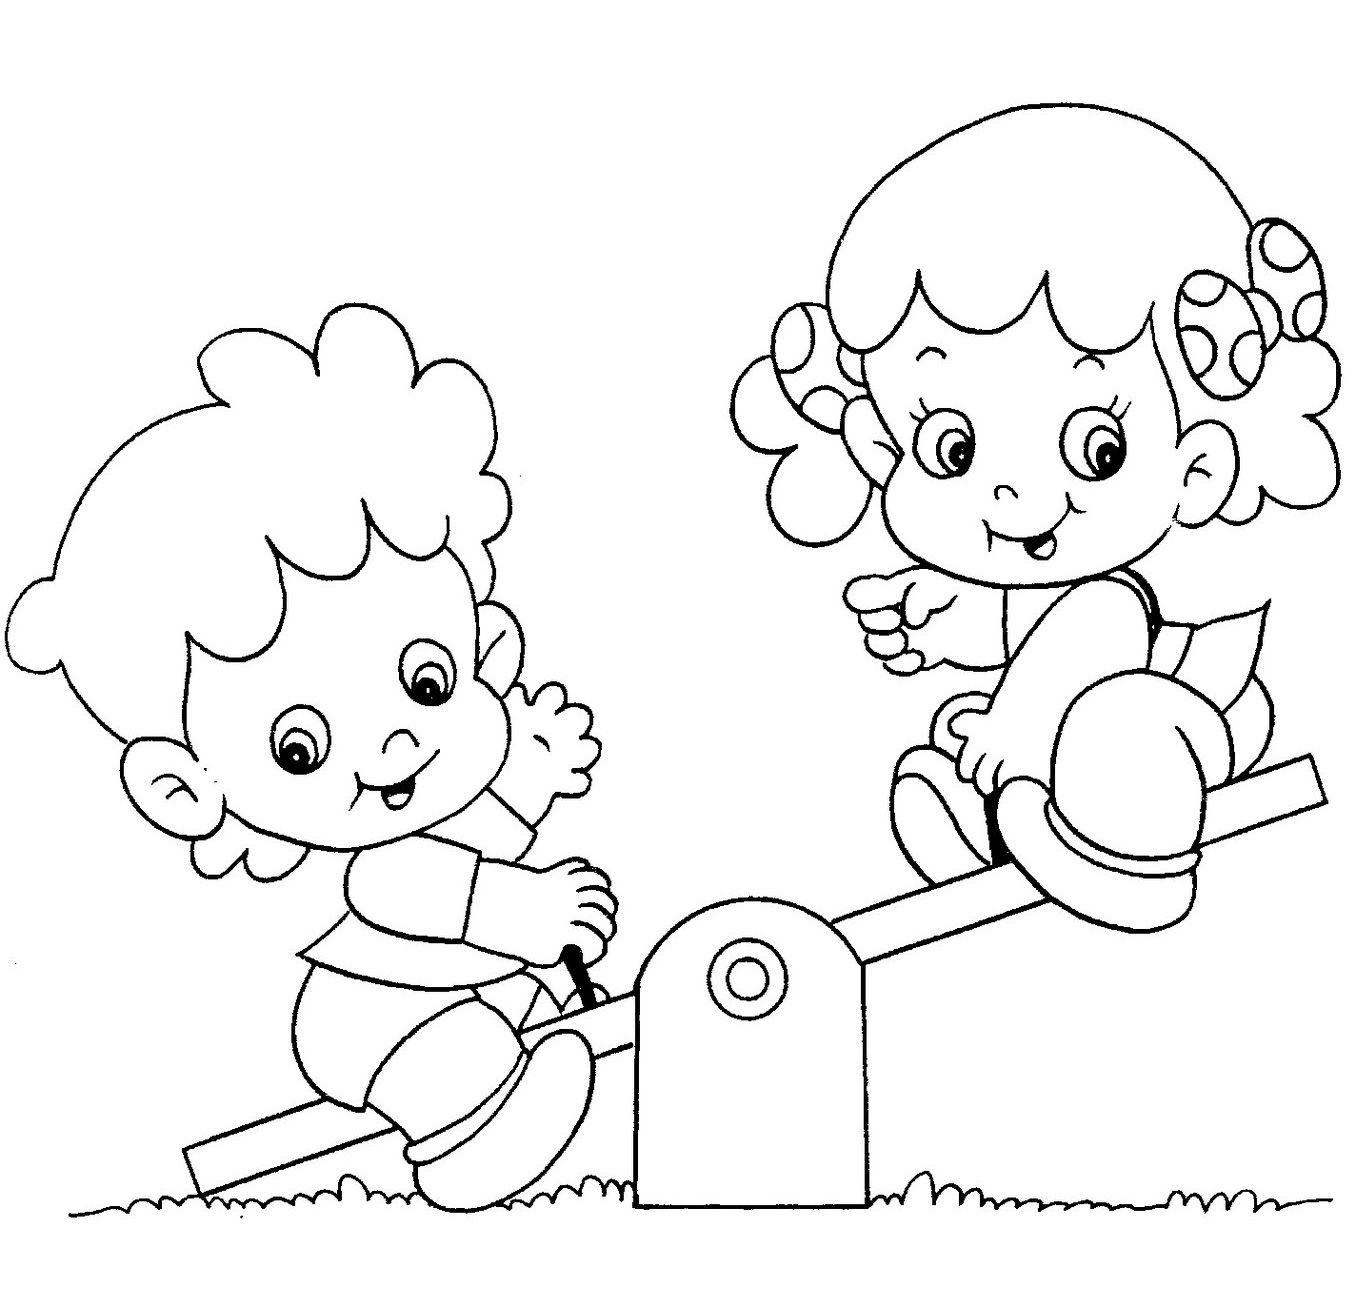 Feliz Dia Da Crianca Para Colorir Pesquisa Google Com Imagens